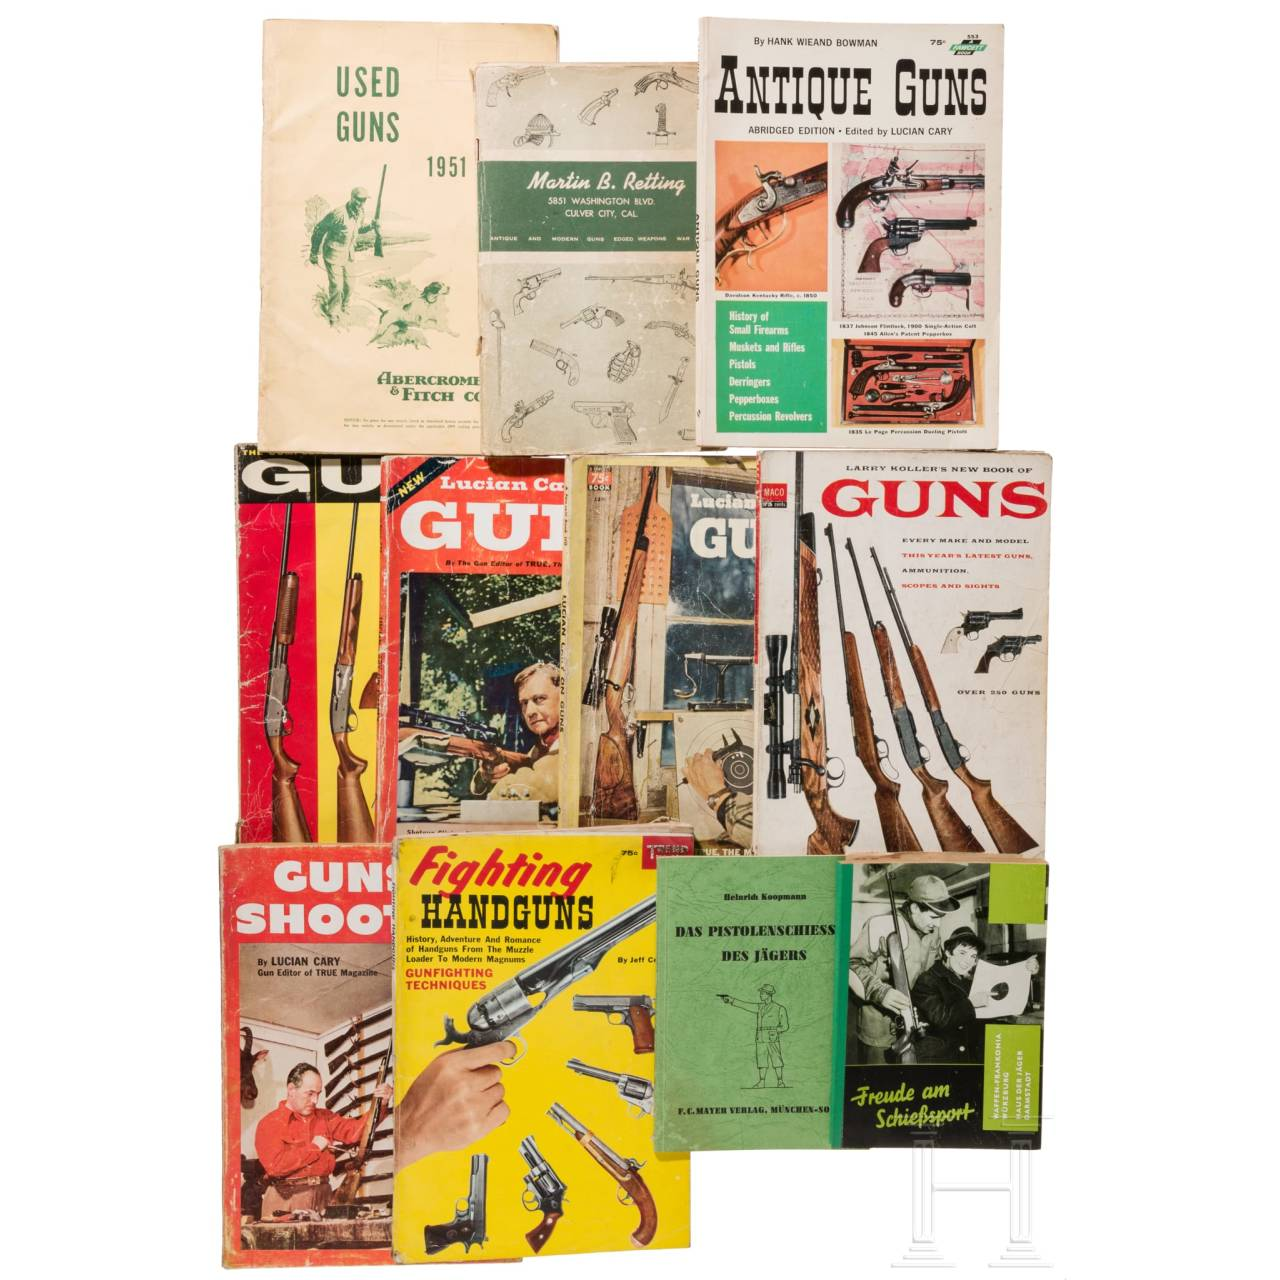 Large group of gun books